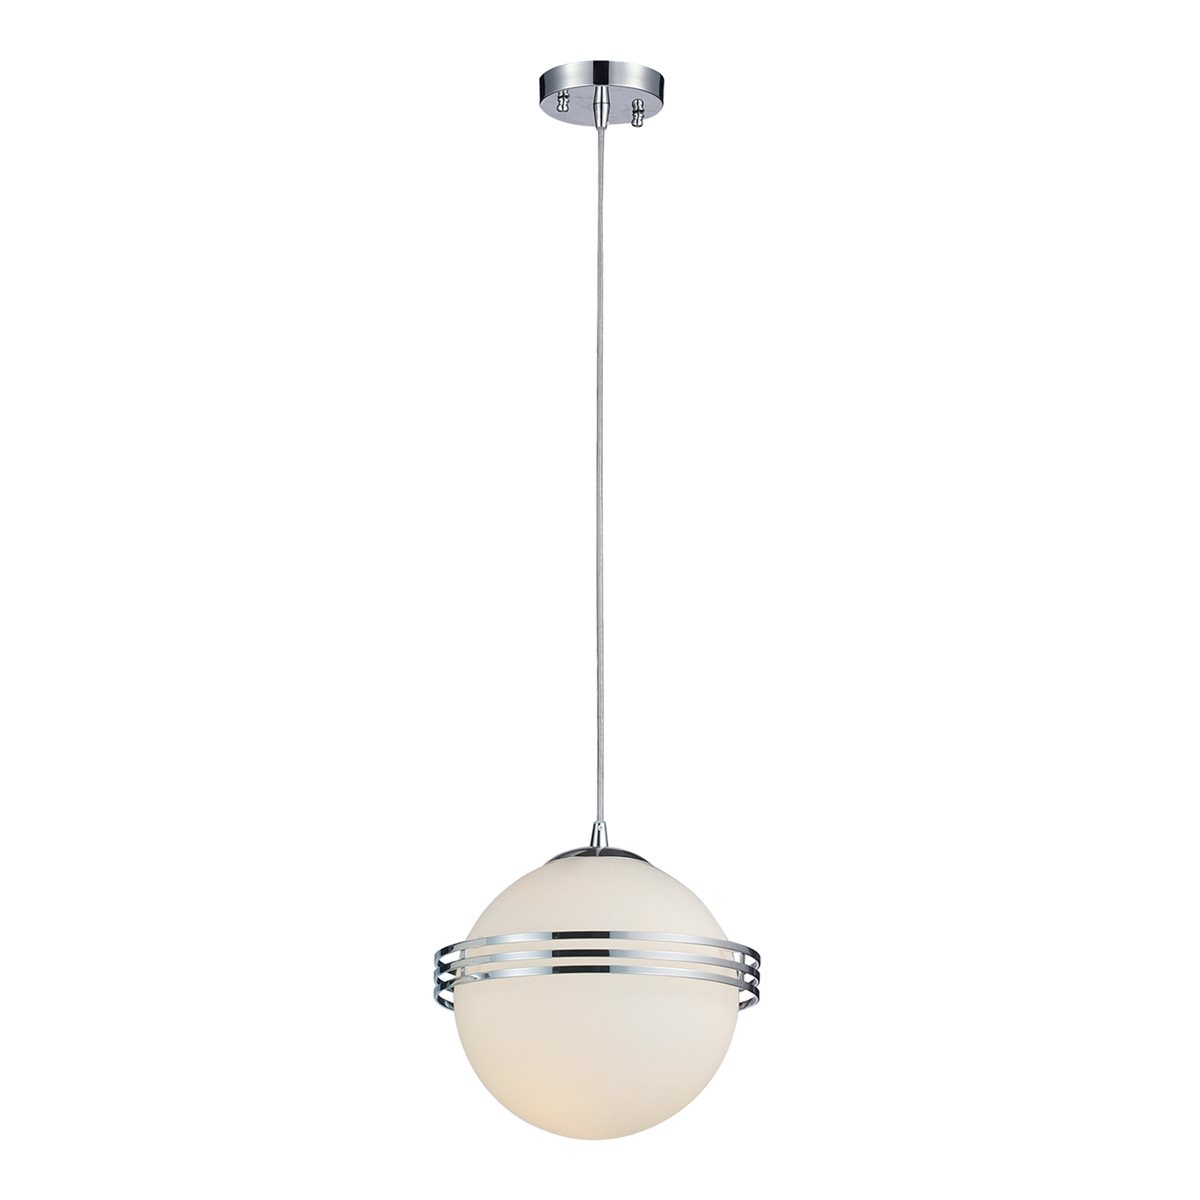 Lampenlux LED Pendellampe Pendelleuchte Bieno Effektlicht Glasschirm Opal Weiß Fassung E27